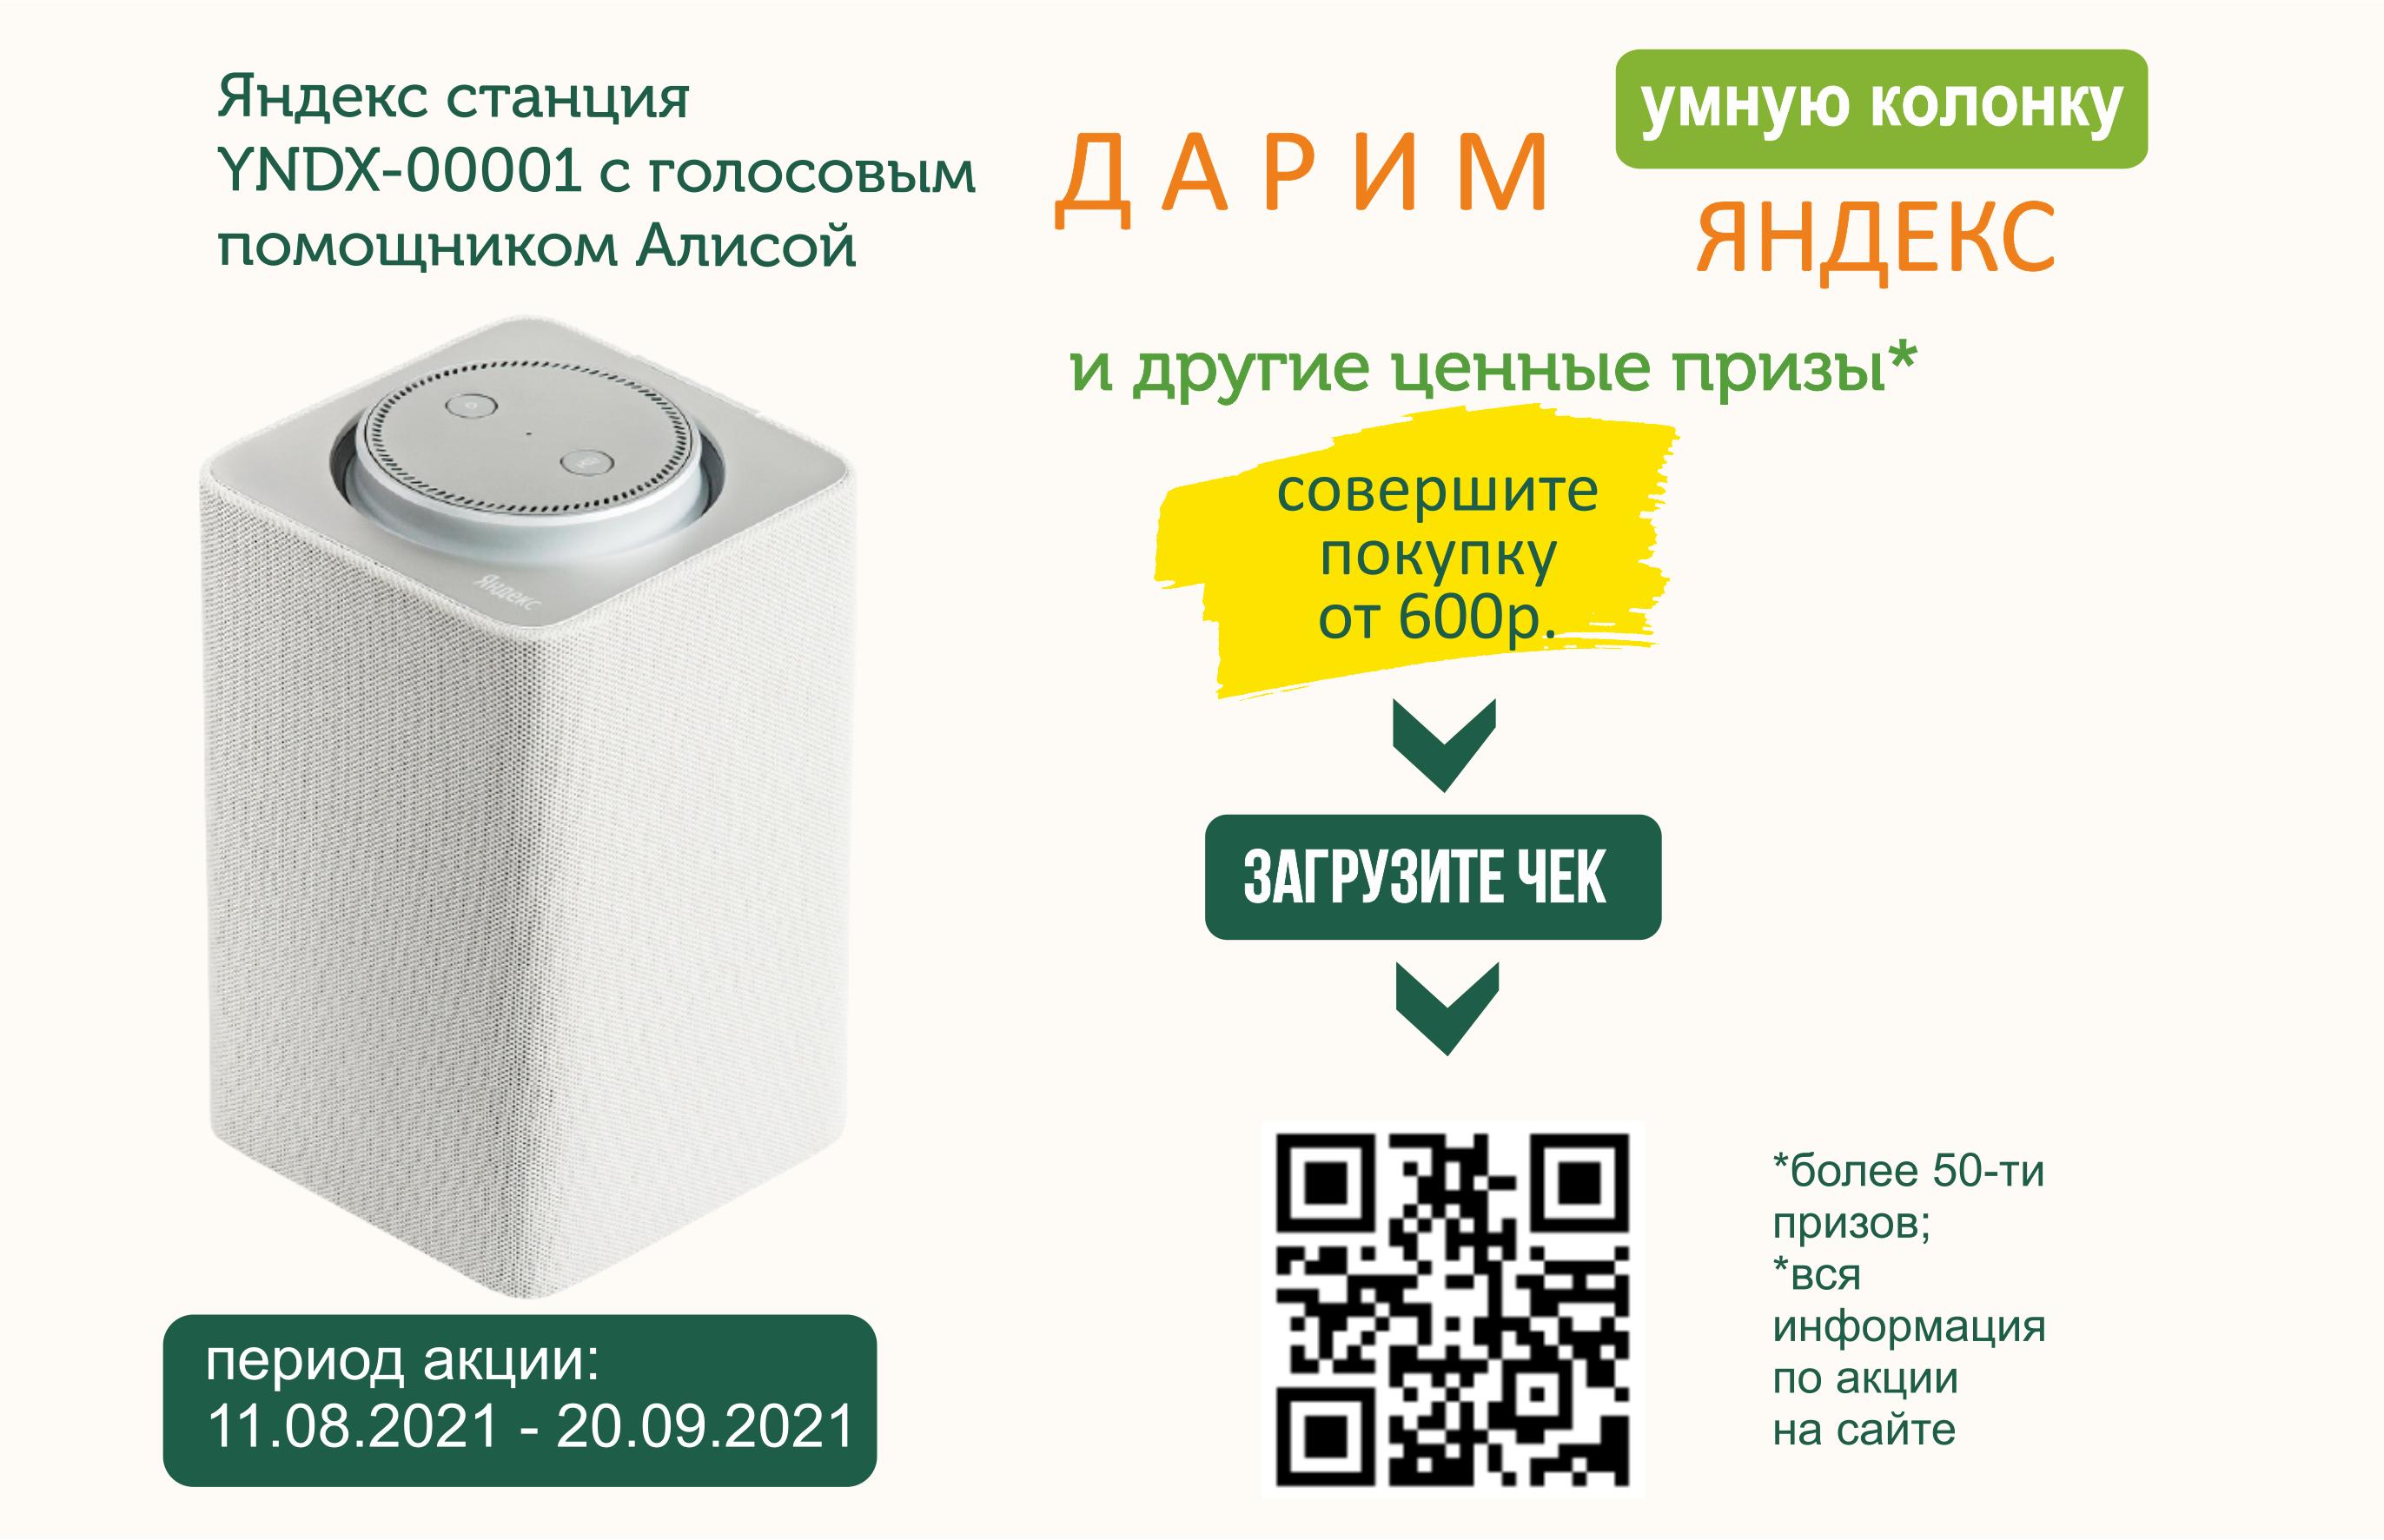 https://naturovo.ru/wp-content/uploads/2021/08/akcziya-pod.png